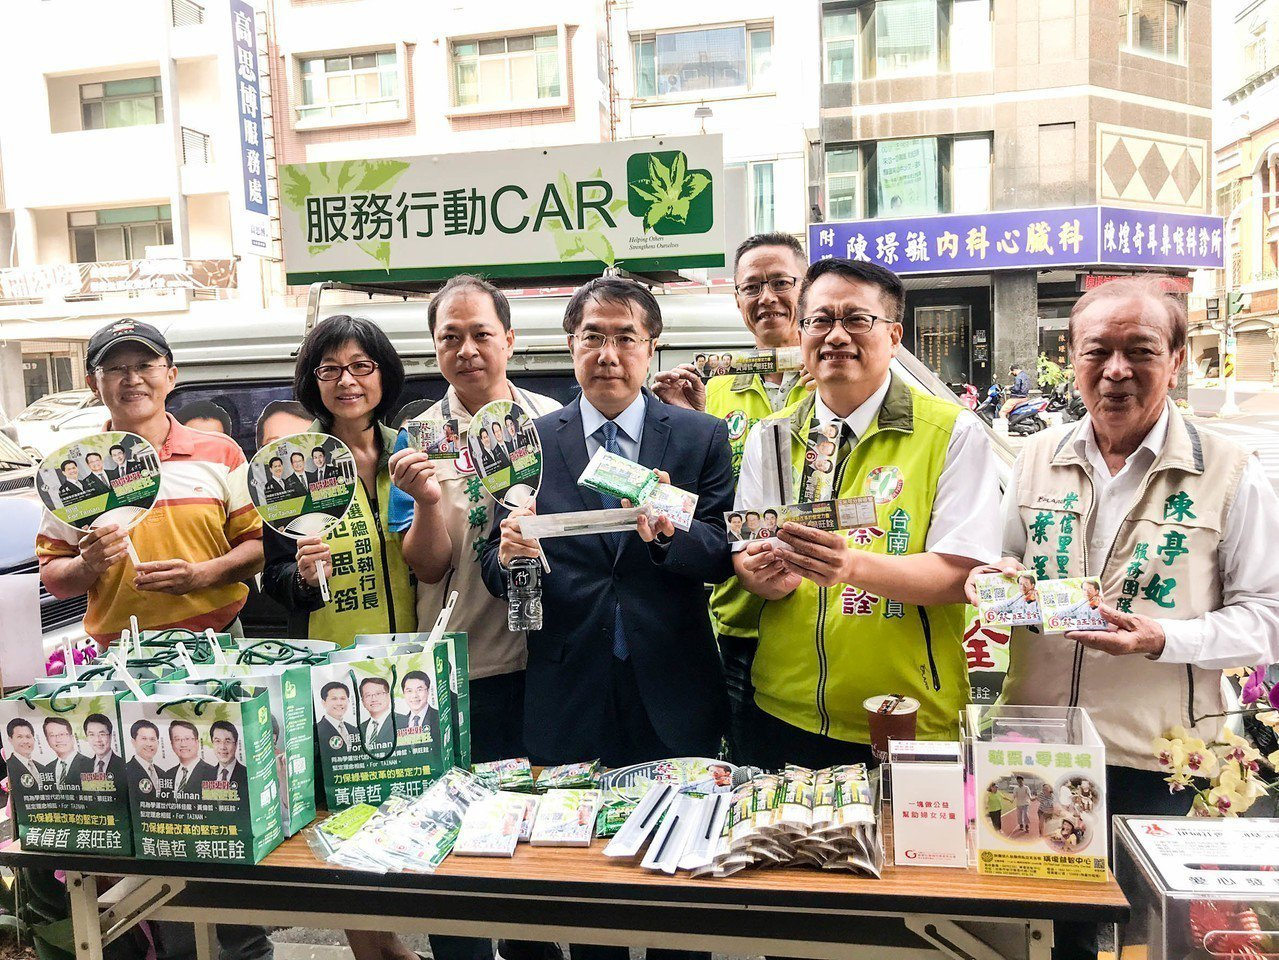 民進黨台南市議員蔡旺詮推出玉米可分解環保吸管文宣品。記者鄭維真/攝影